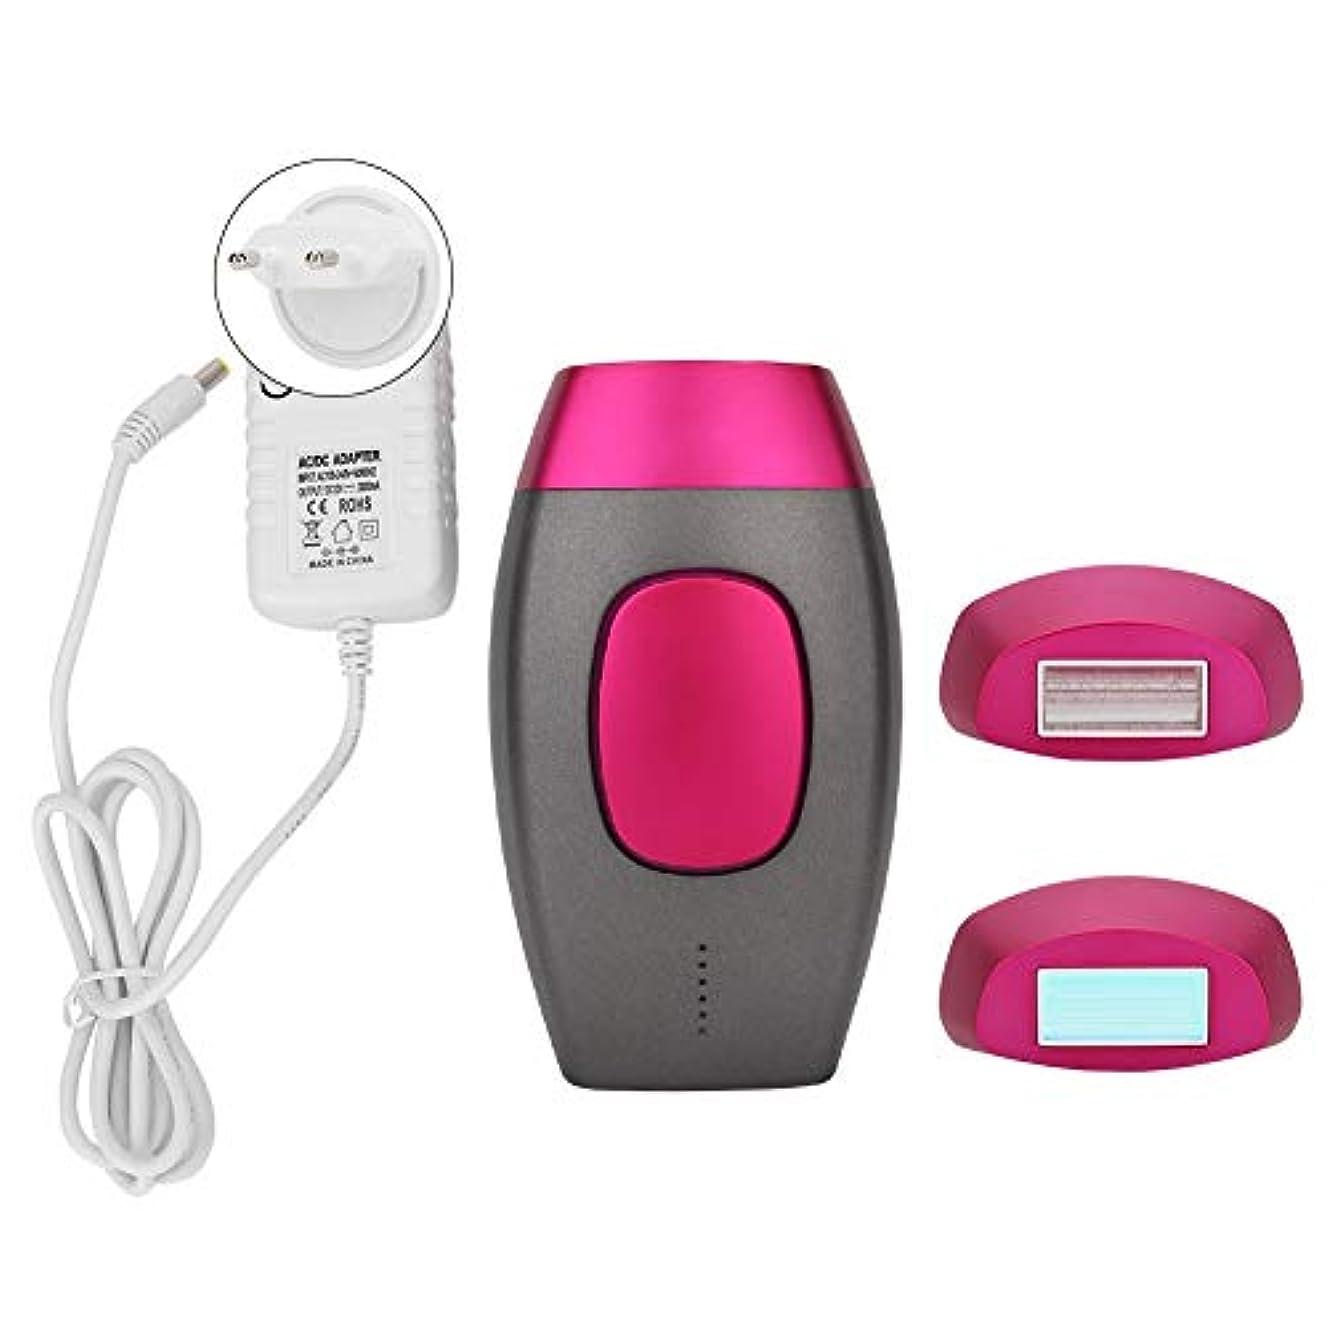 派手検索エンジンマーケティングあたり女性のためのヘアリムーバー、眉毛鼻トリマーを含む防水フェイシャルシェーバーボディシェーバー(US Plug)